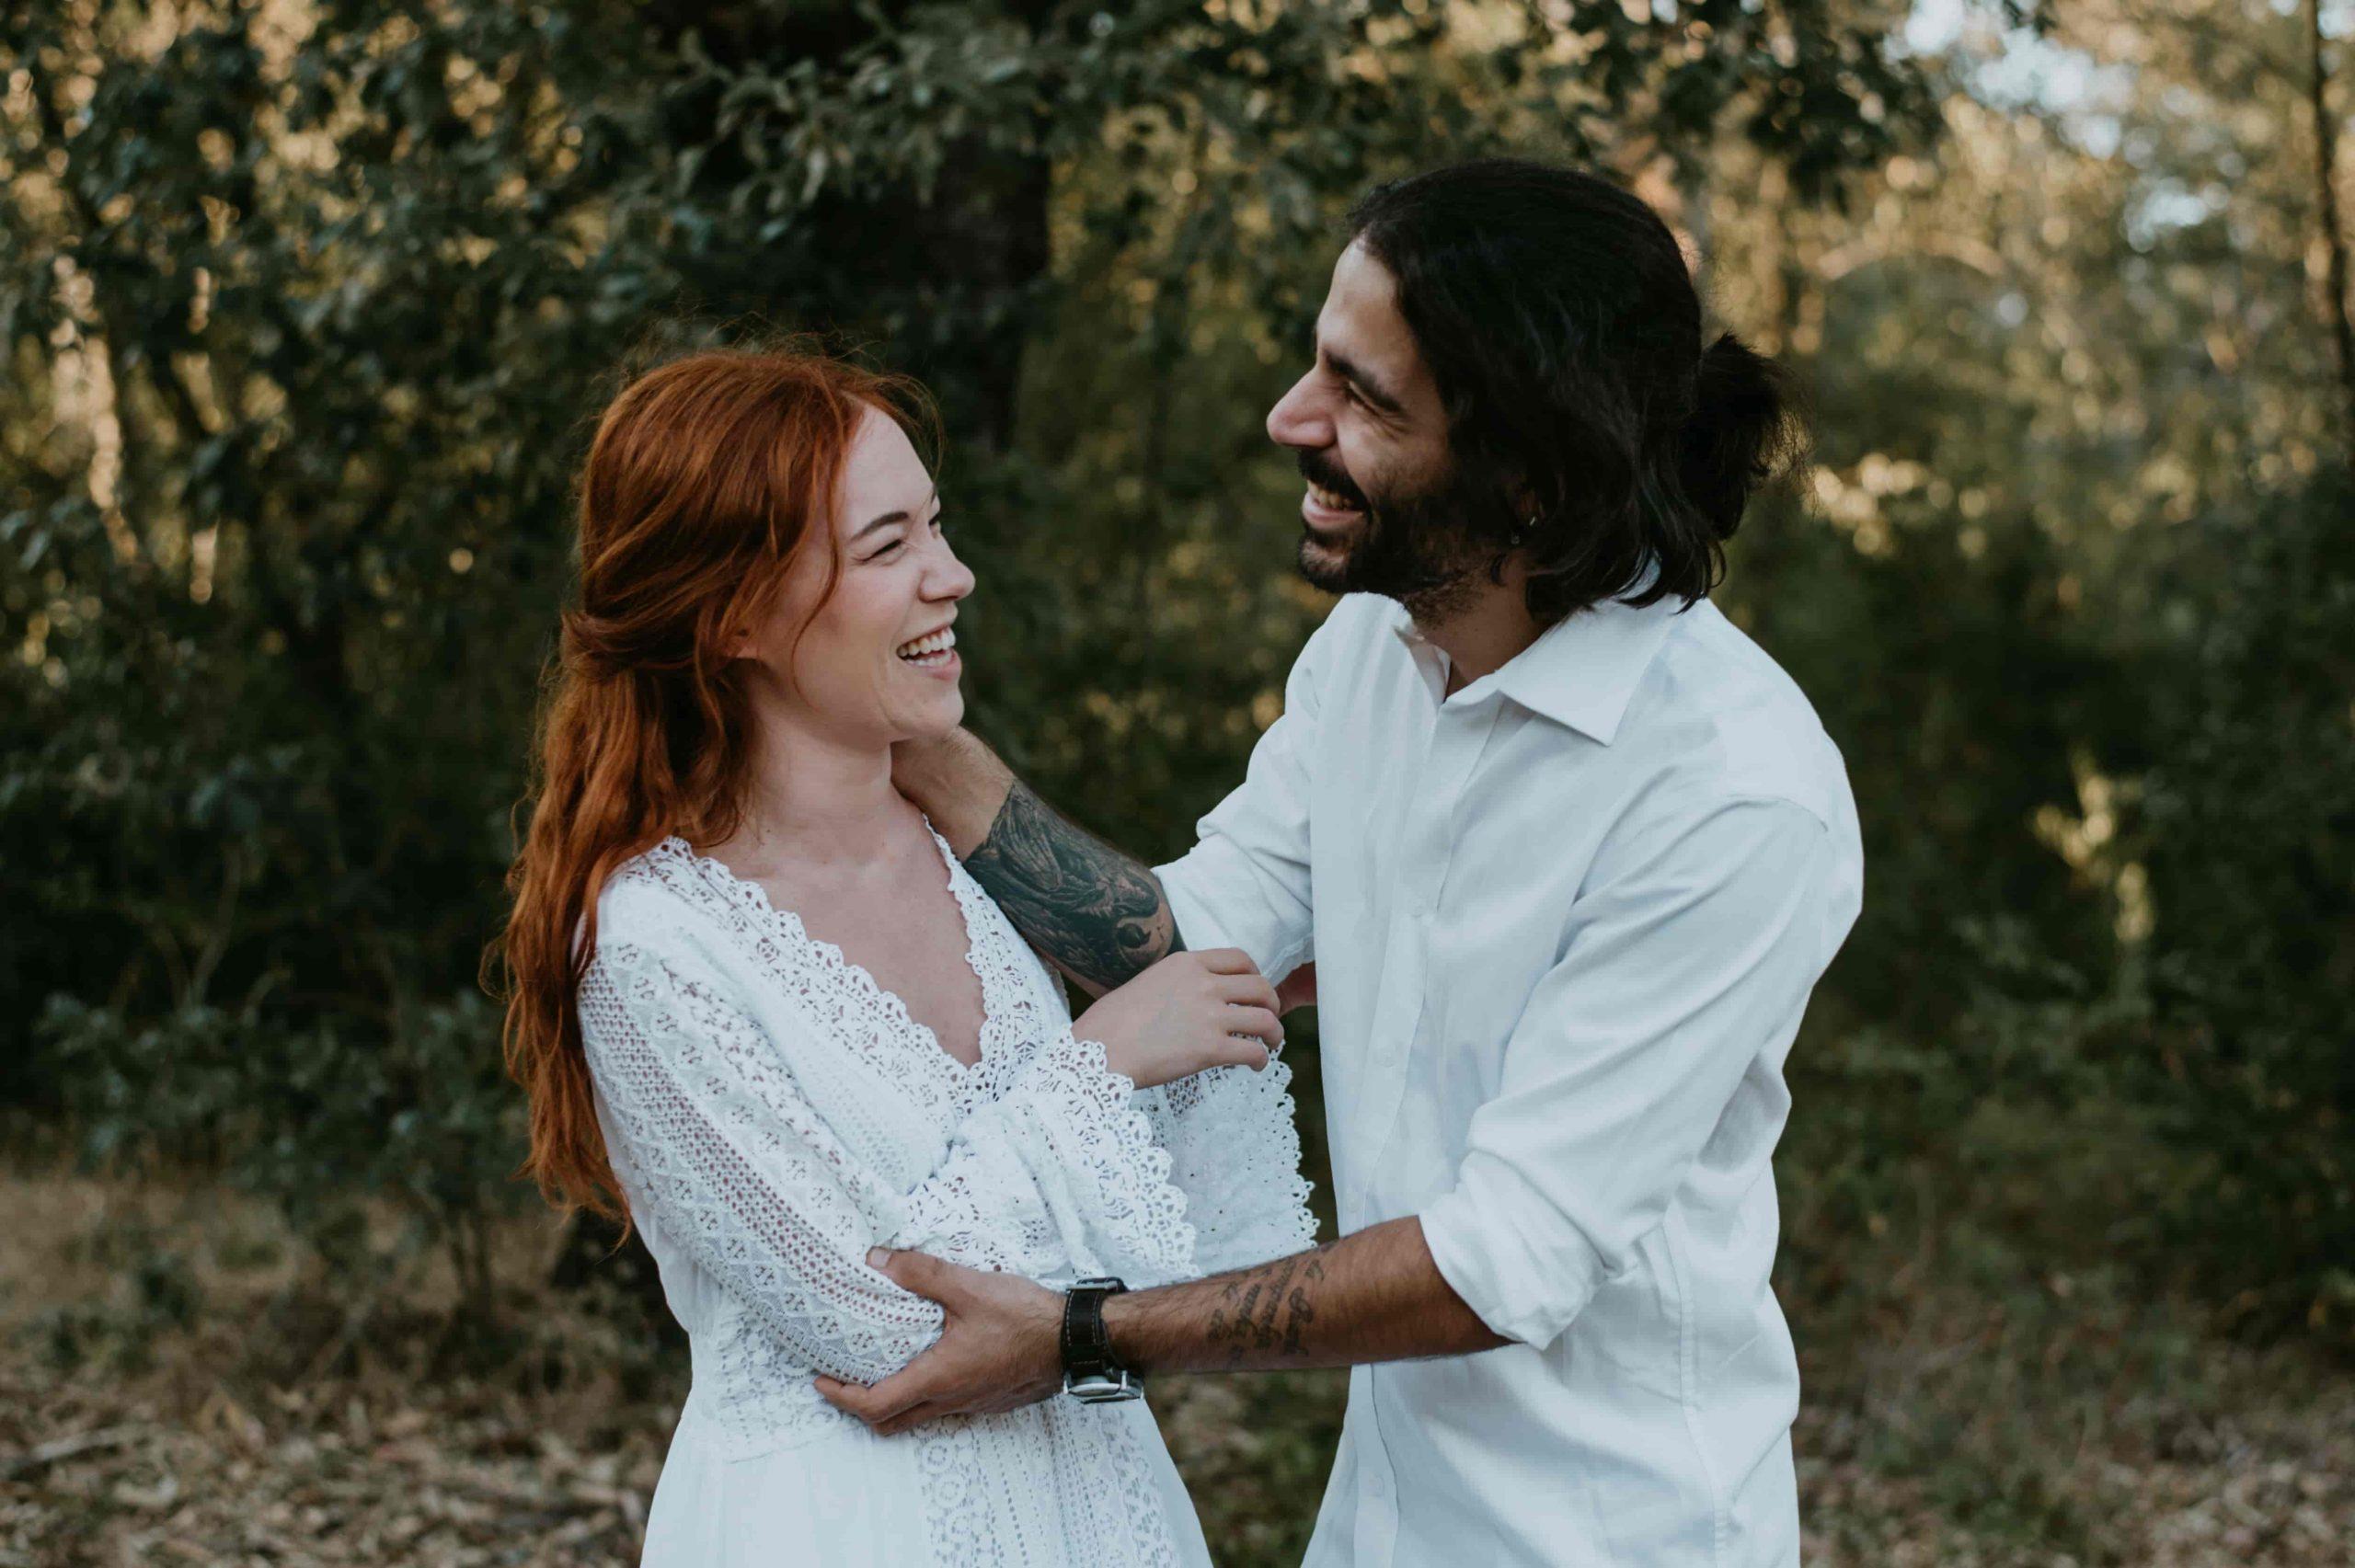 Inês & Pedro